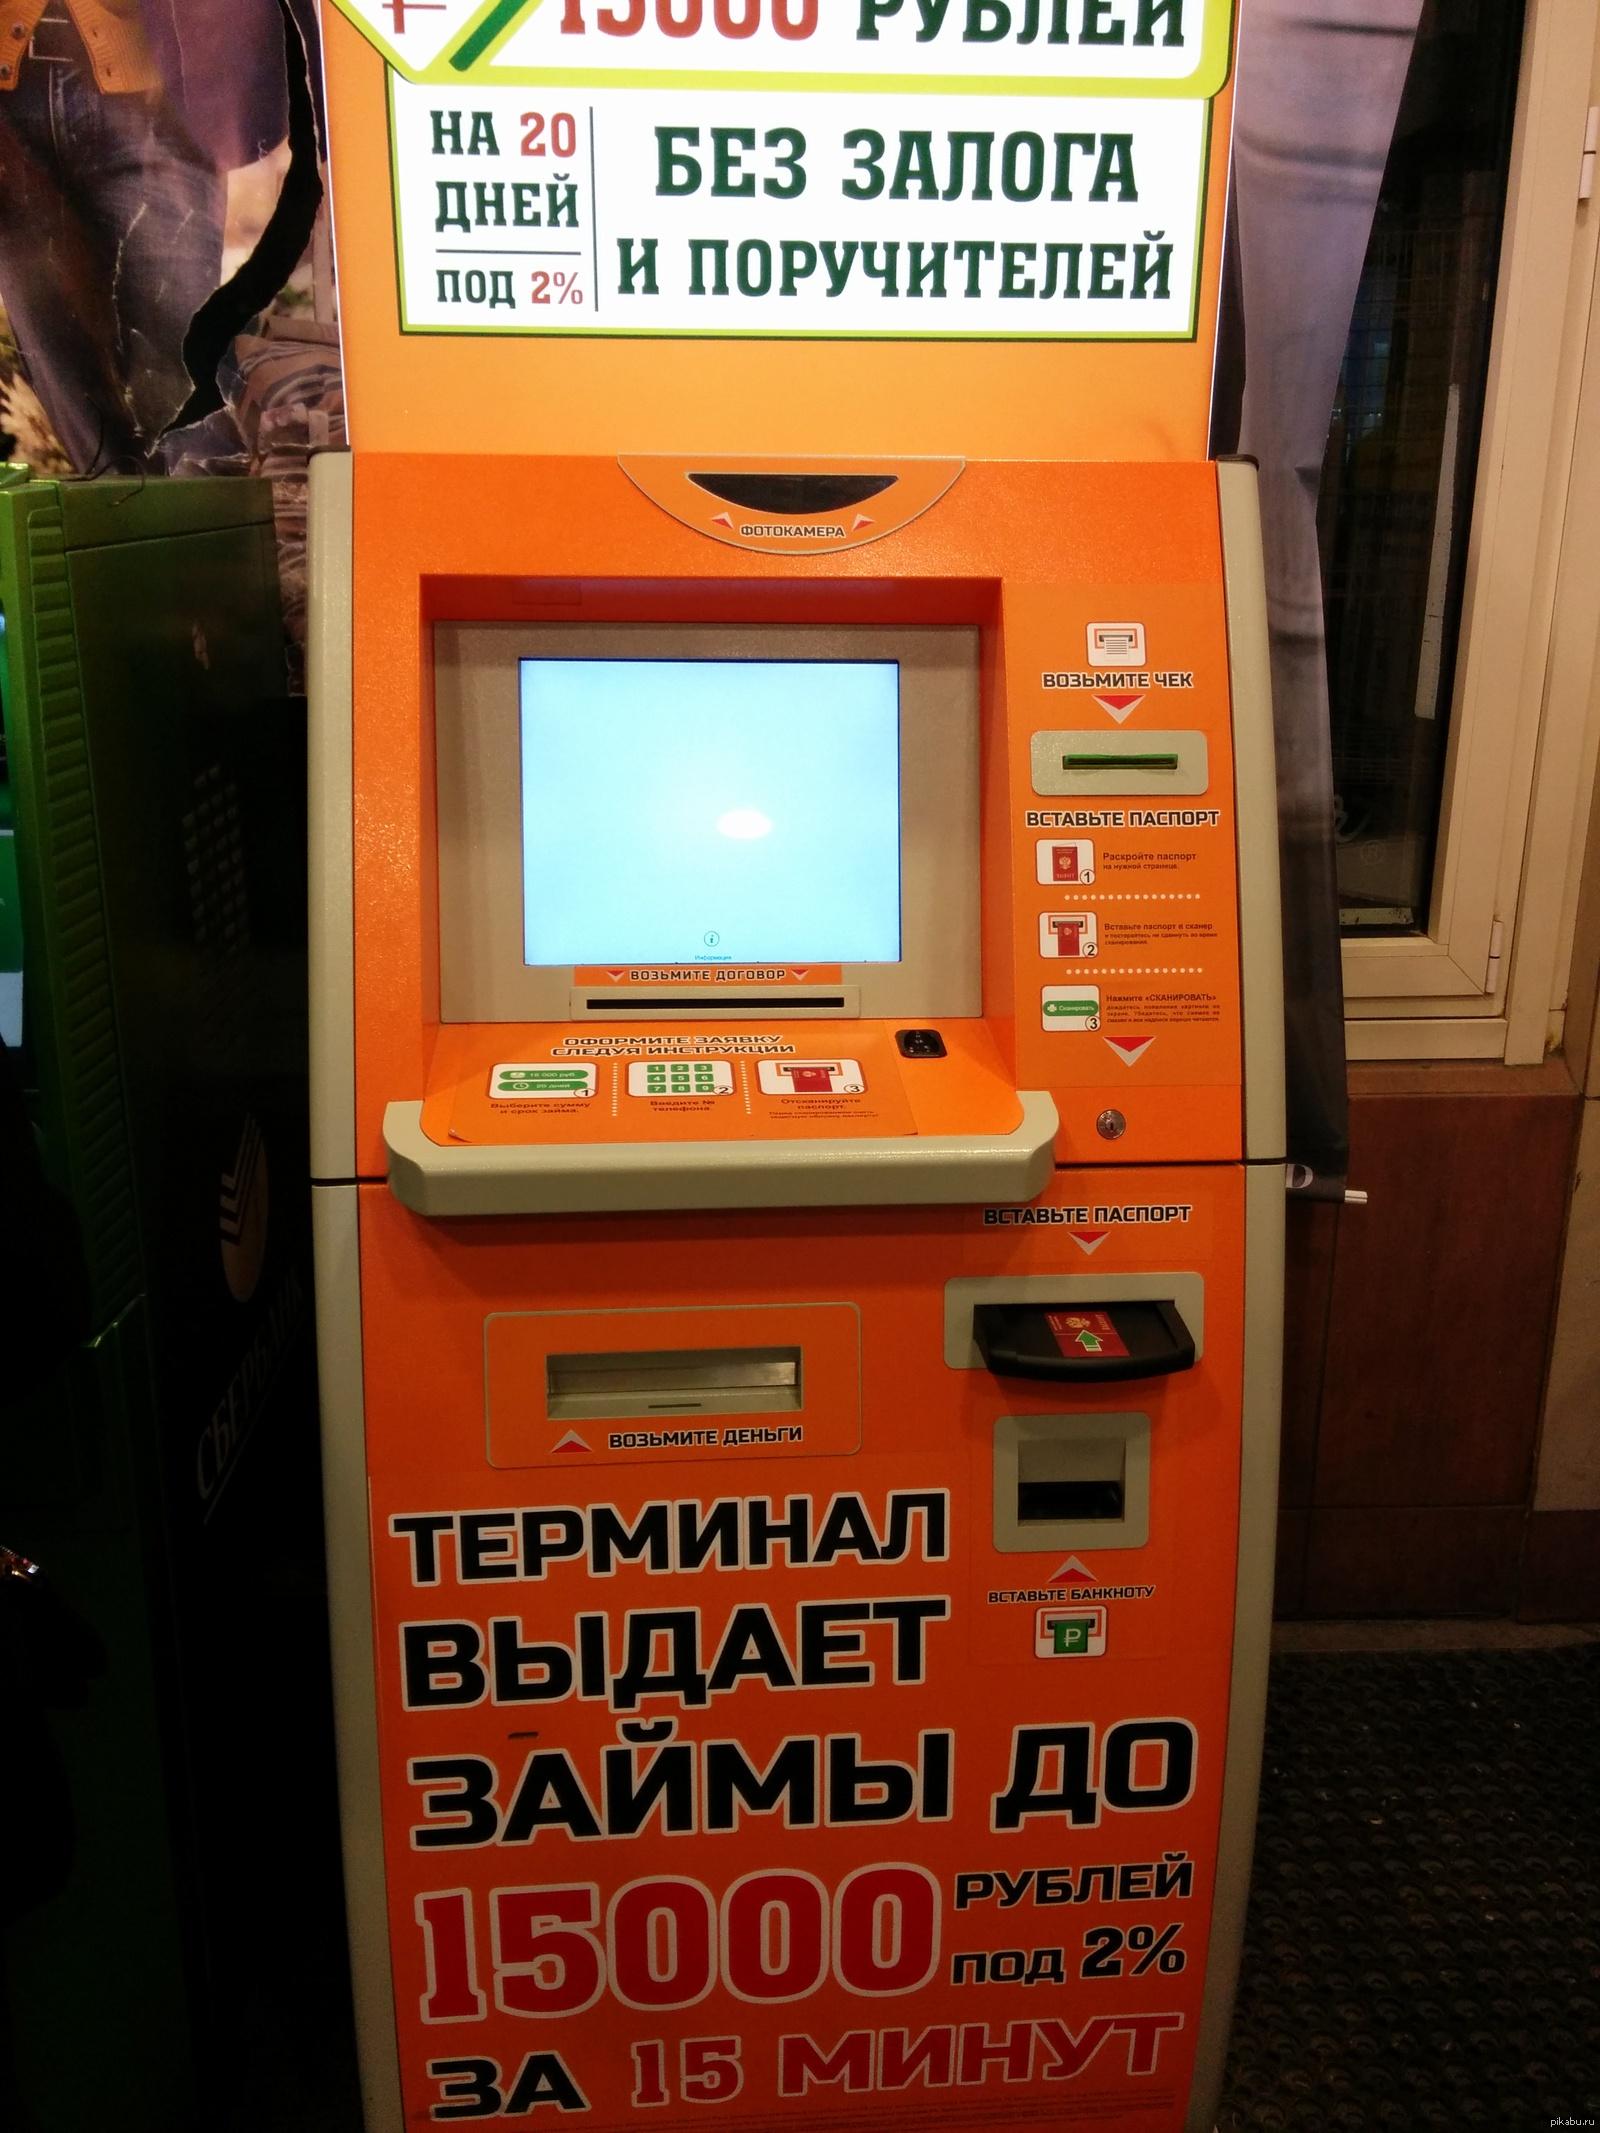 Терминал выдает займы до 15000